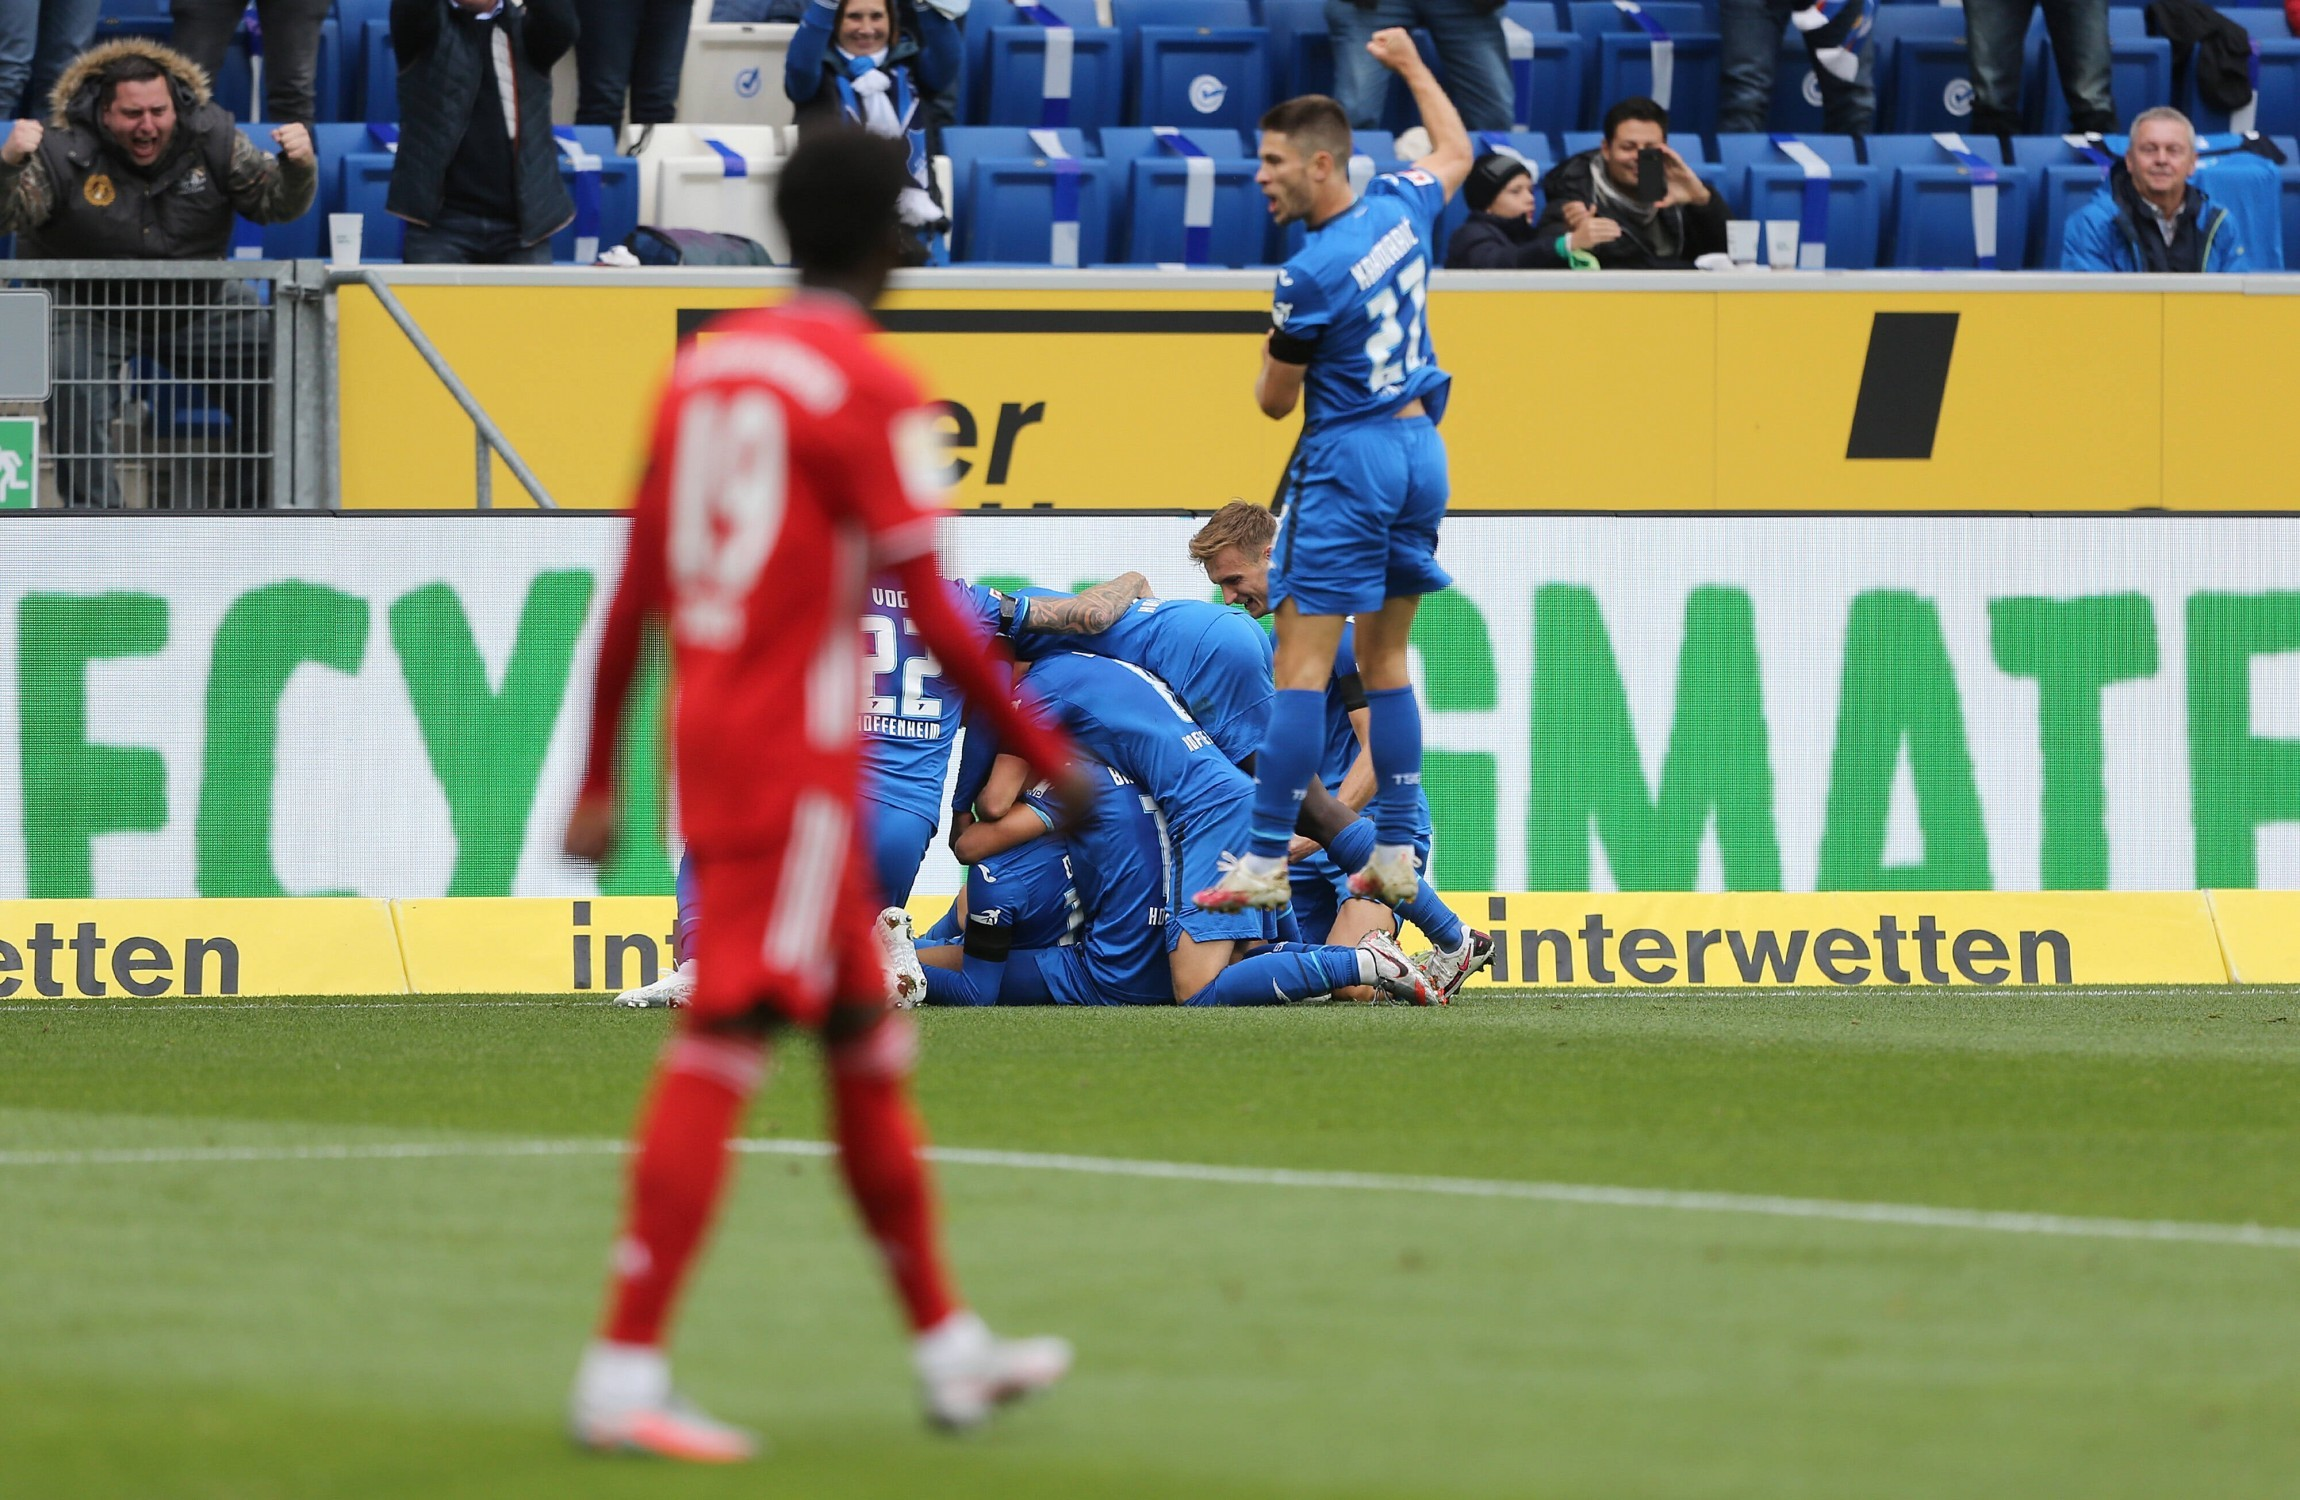 Bayern Suffer 4-1 Loss At Hoffenheim To End Long Unbeaten Run